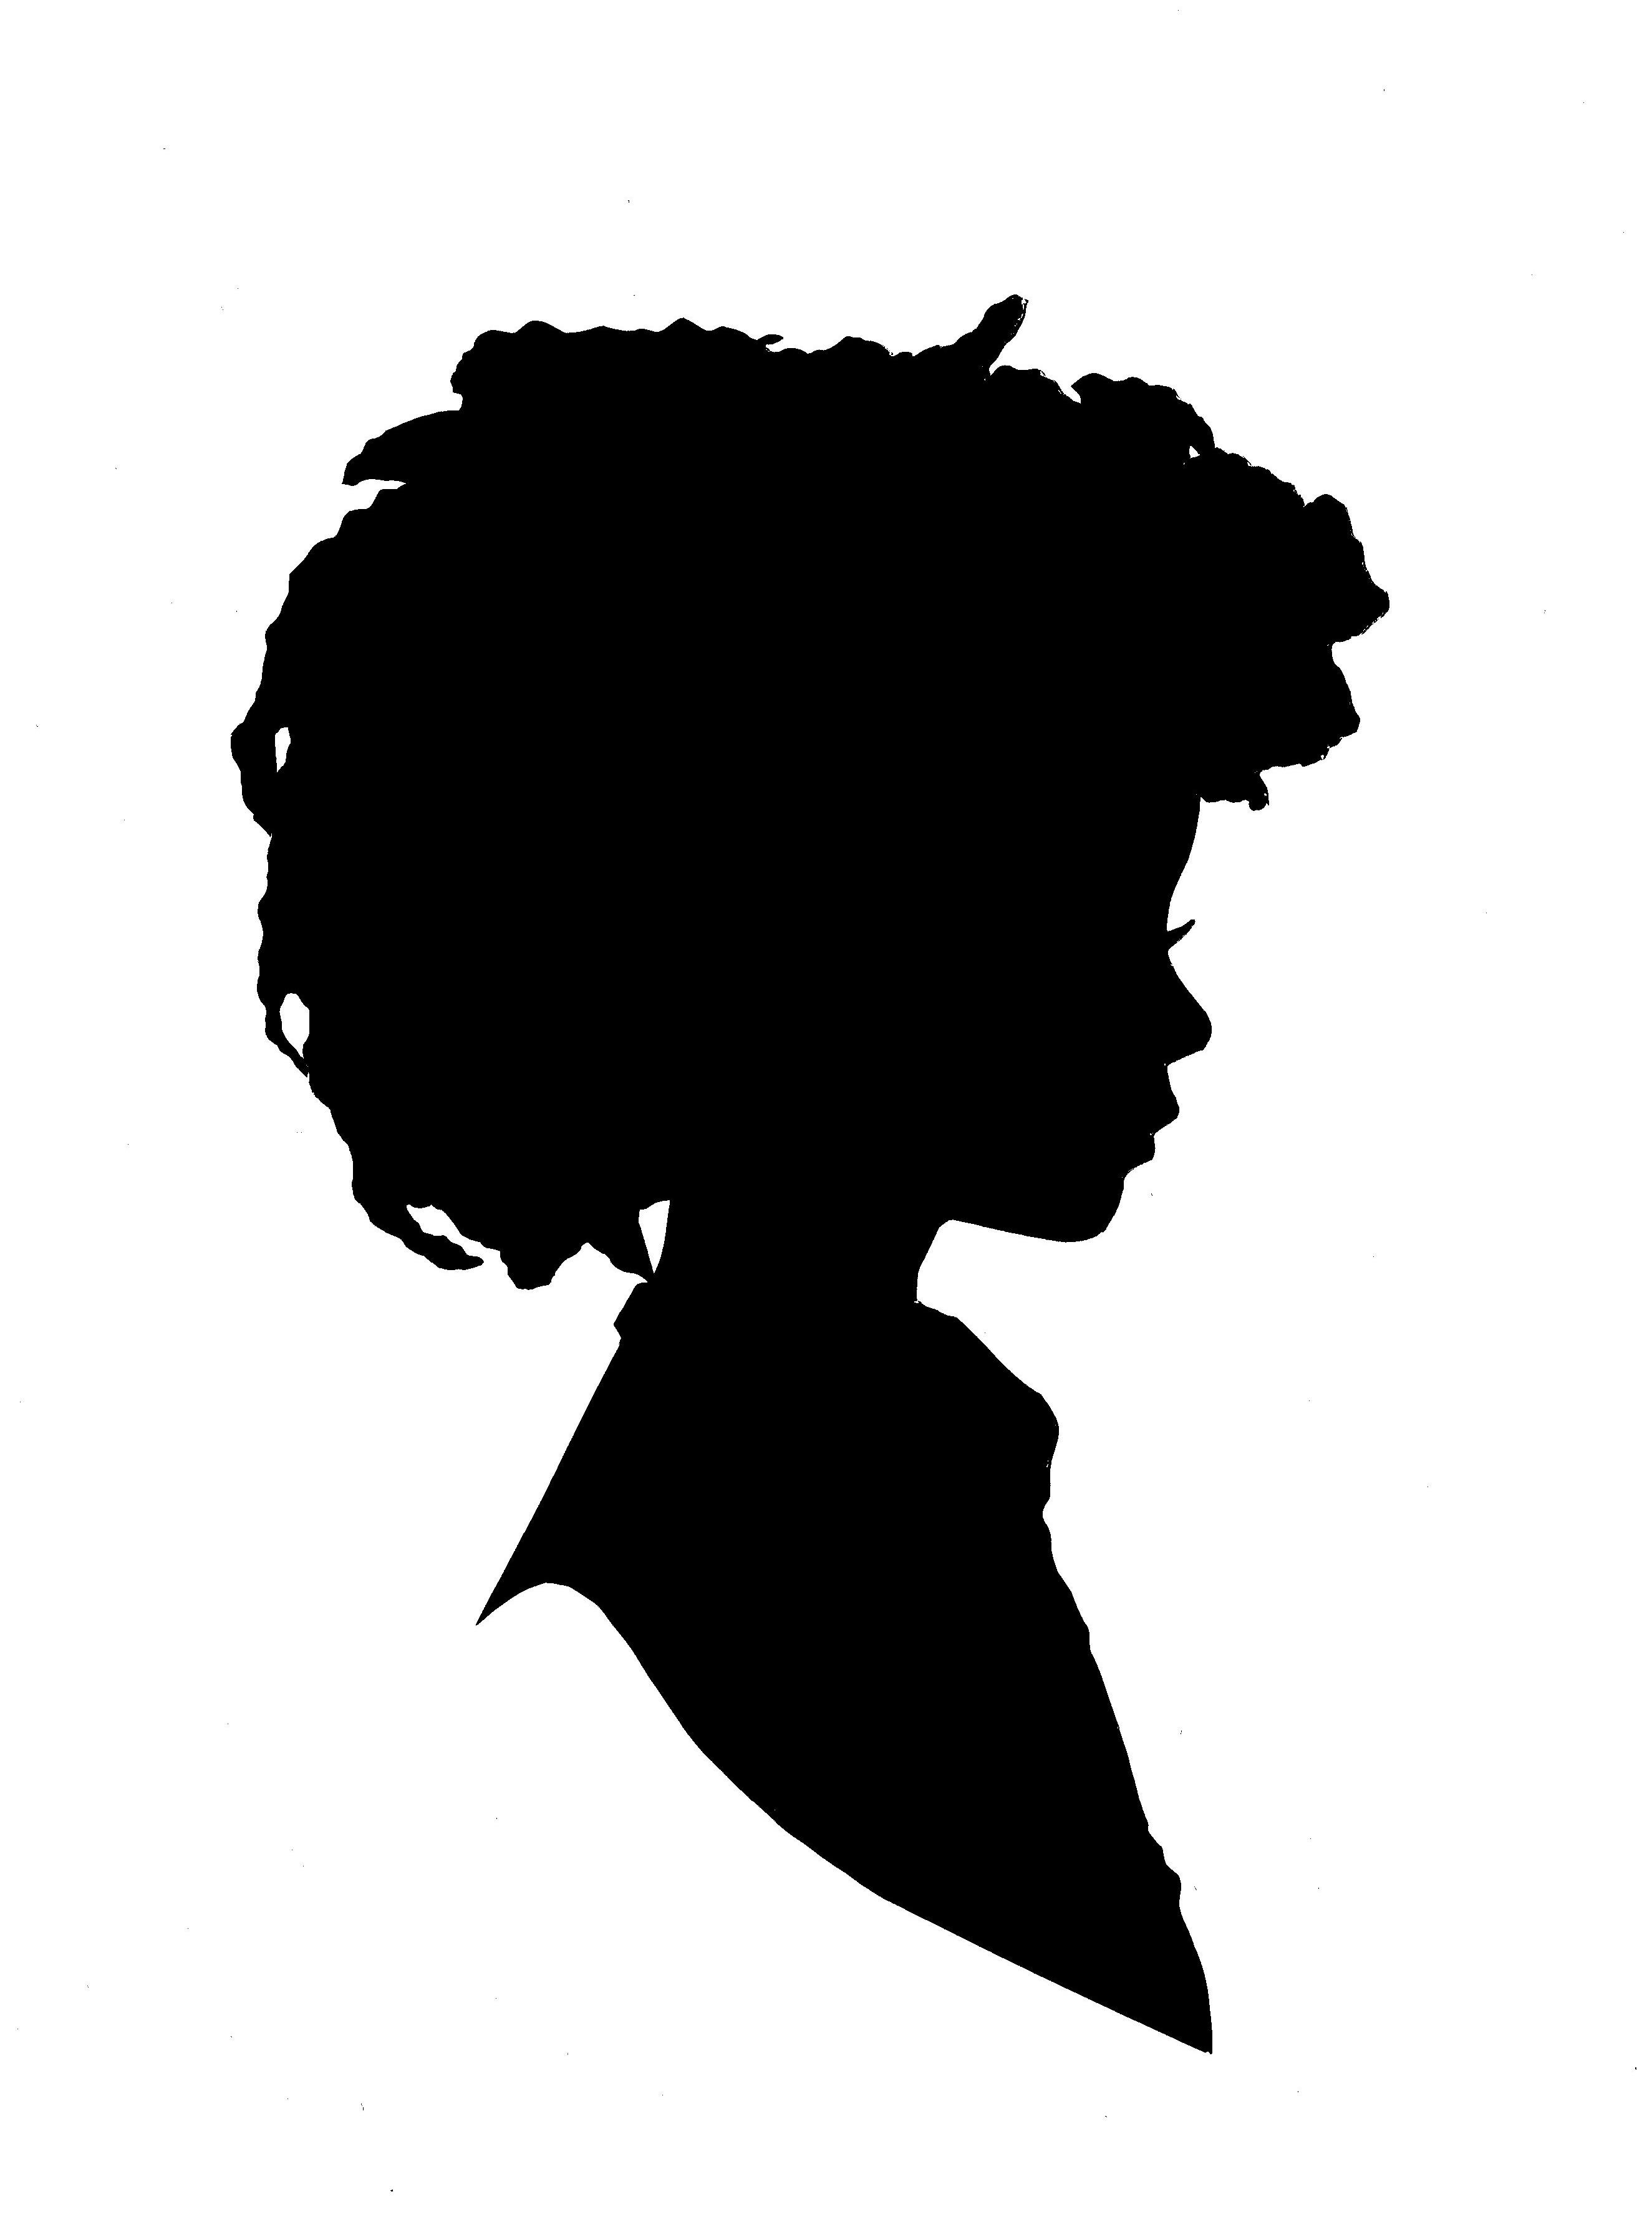 silhouette Papier Enfant 2015